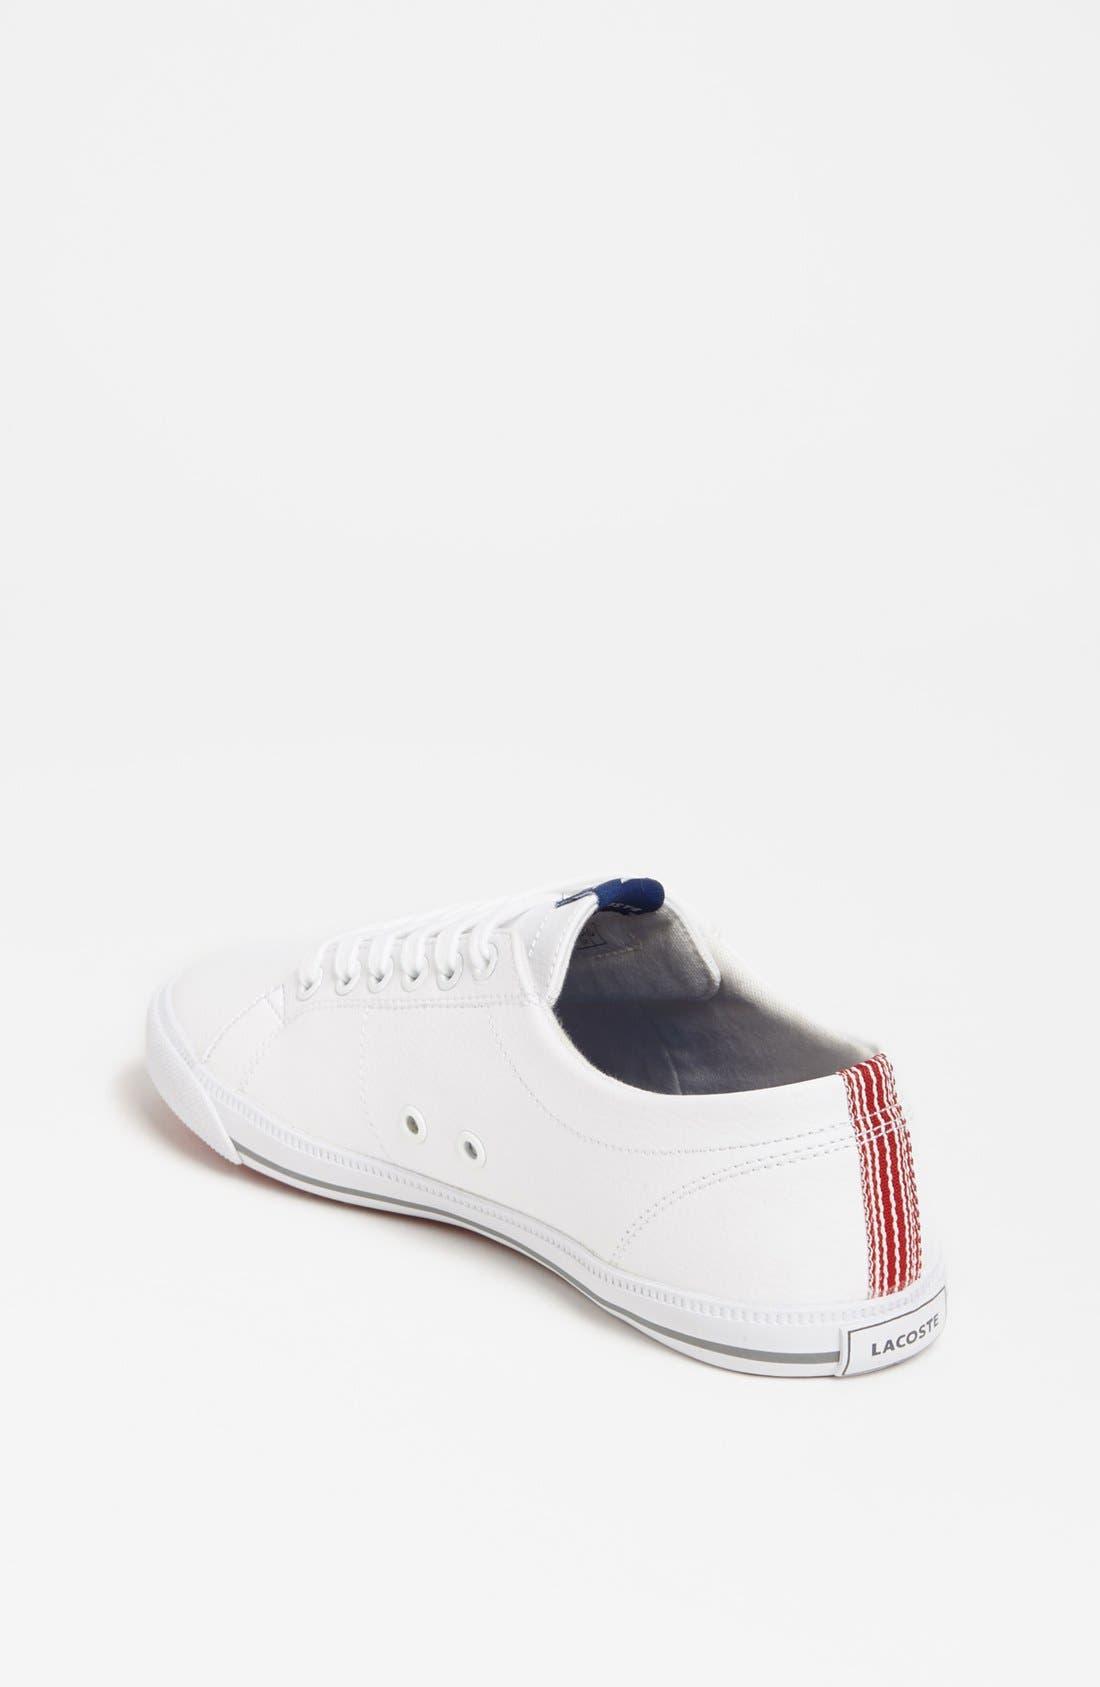 Alternate Image 2  - Lacoste 'Marcel' Sneaker (Little Kid & Big Kid)